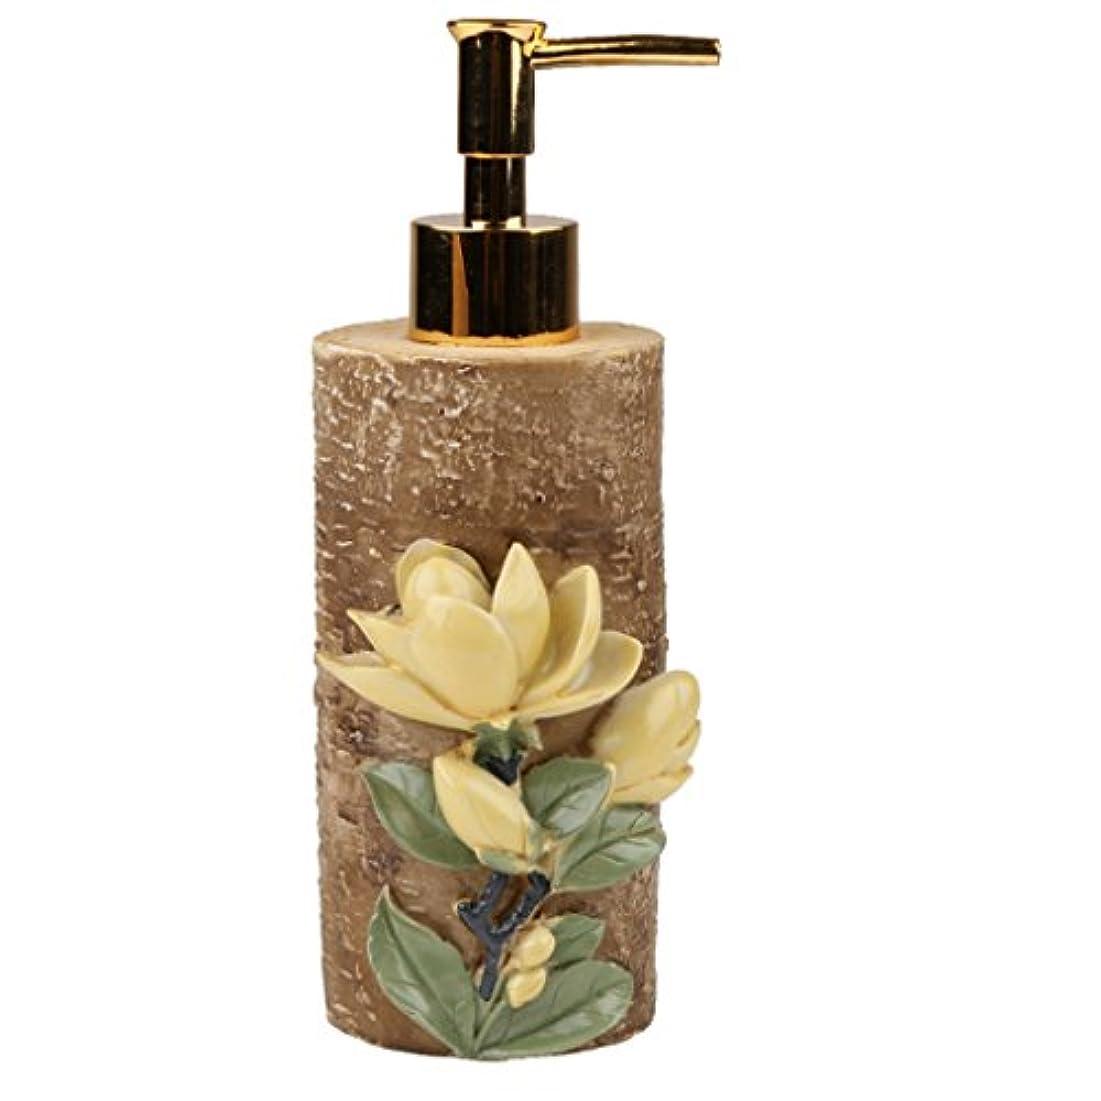 花に水をやるボンドインタネットを見る空 詰め替え ポンプ 瓶 シャンプー ボディークレンザー 液体石鹸などローション適用 全4種類 - #4